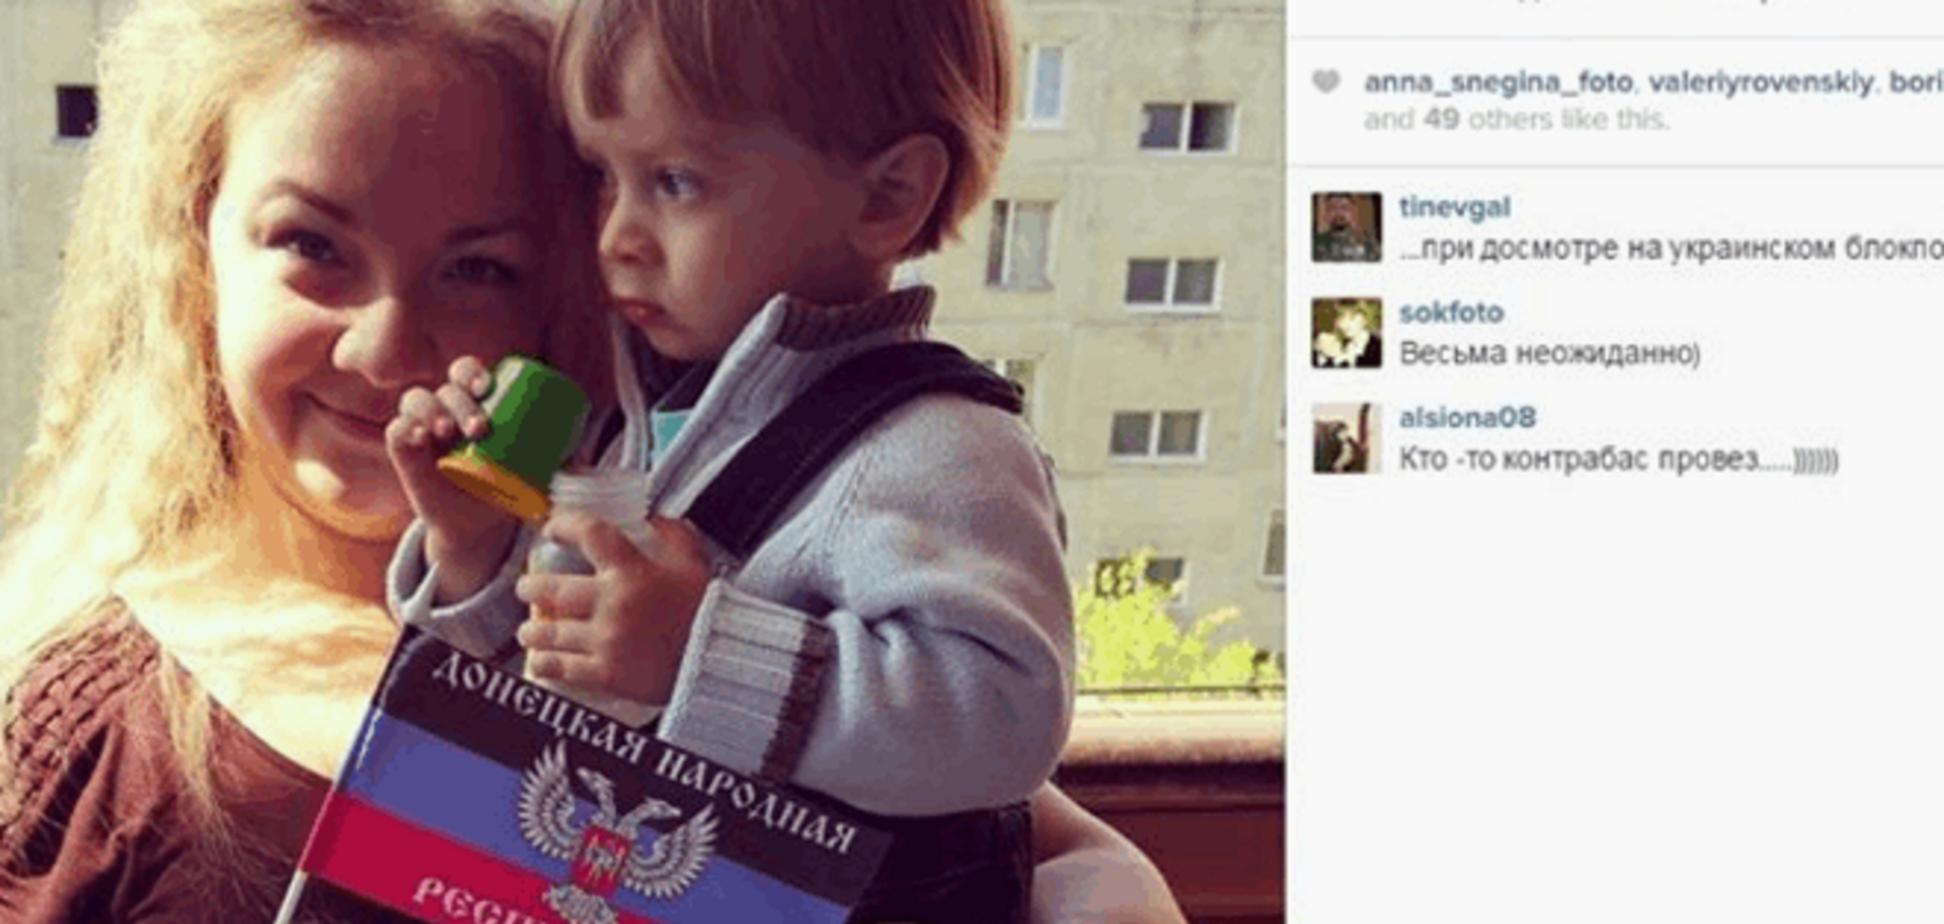 В сети просят арестовать женщину за антиукраинскую пропаганду